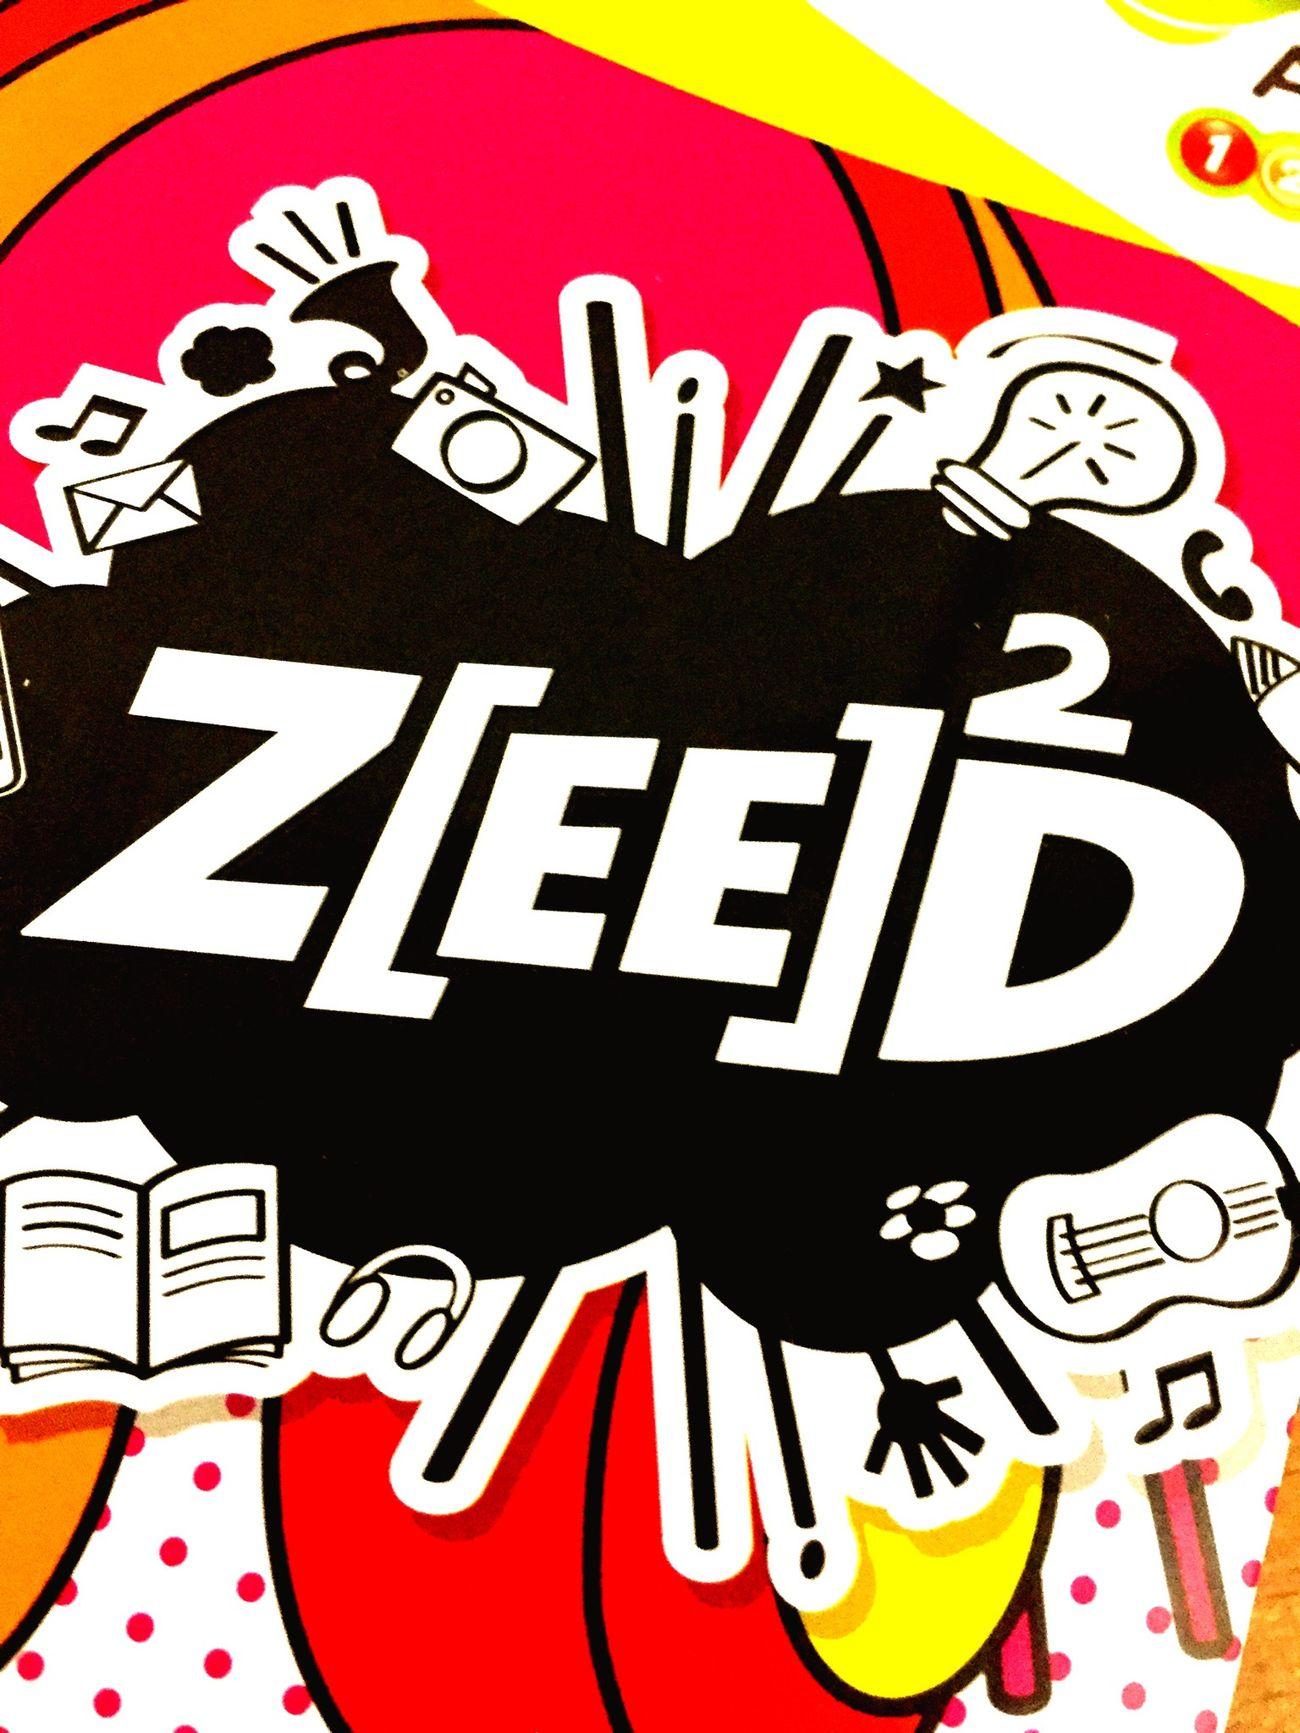 Zeed Ais3g